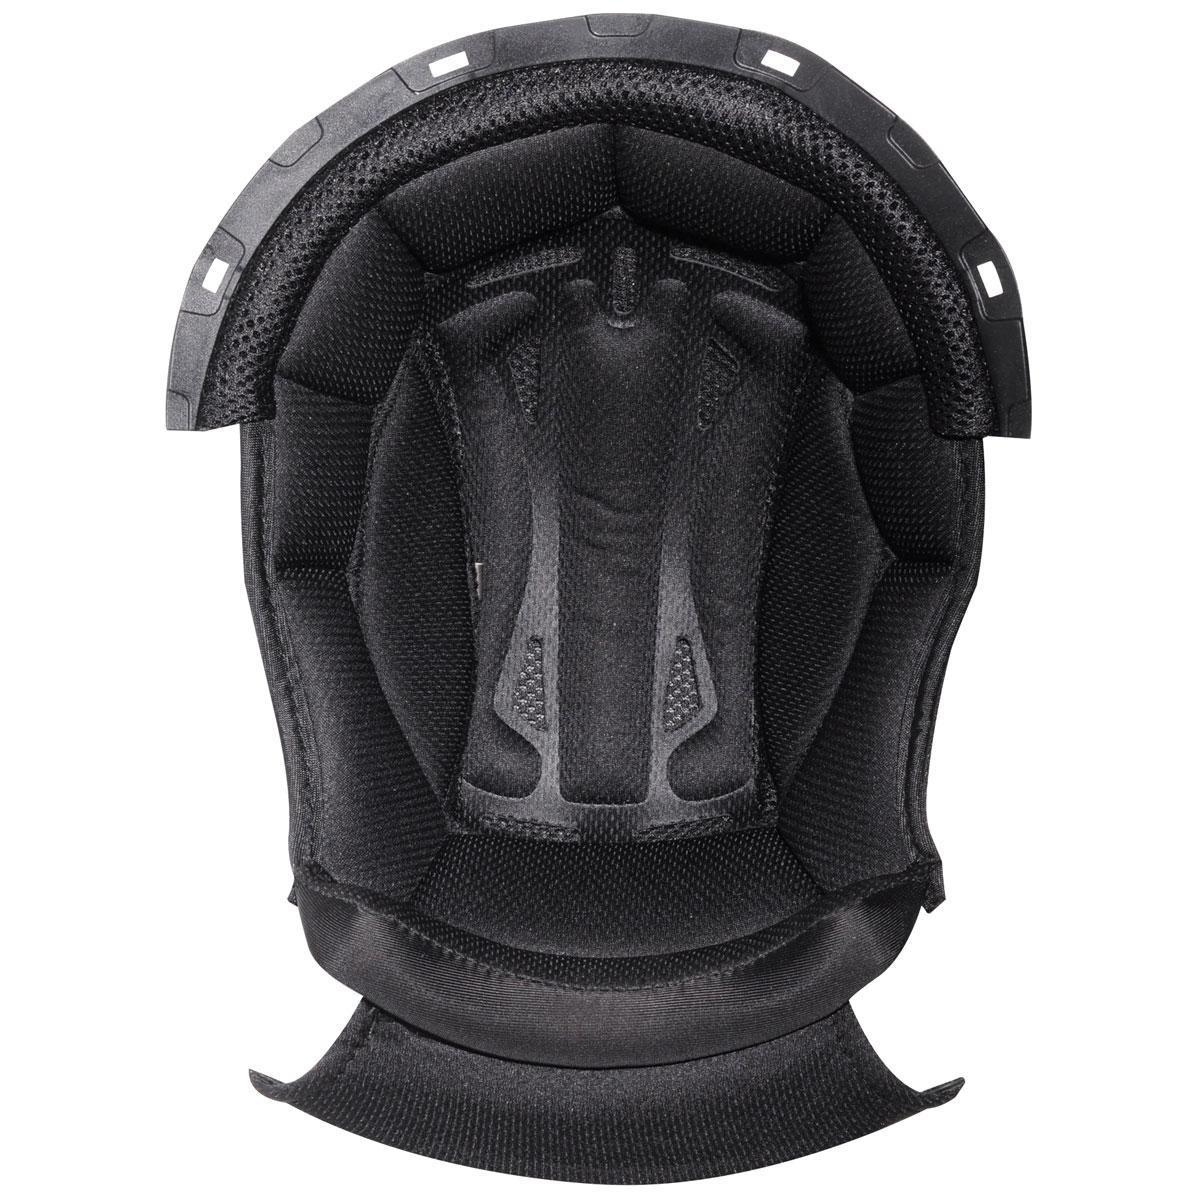 Sena Technologies Helmet Liner for Momentum Full Face Helmets